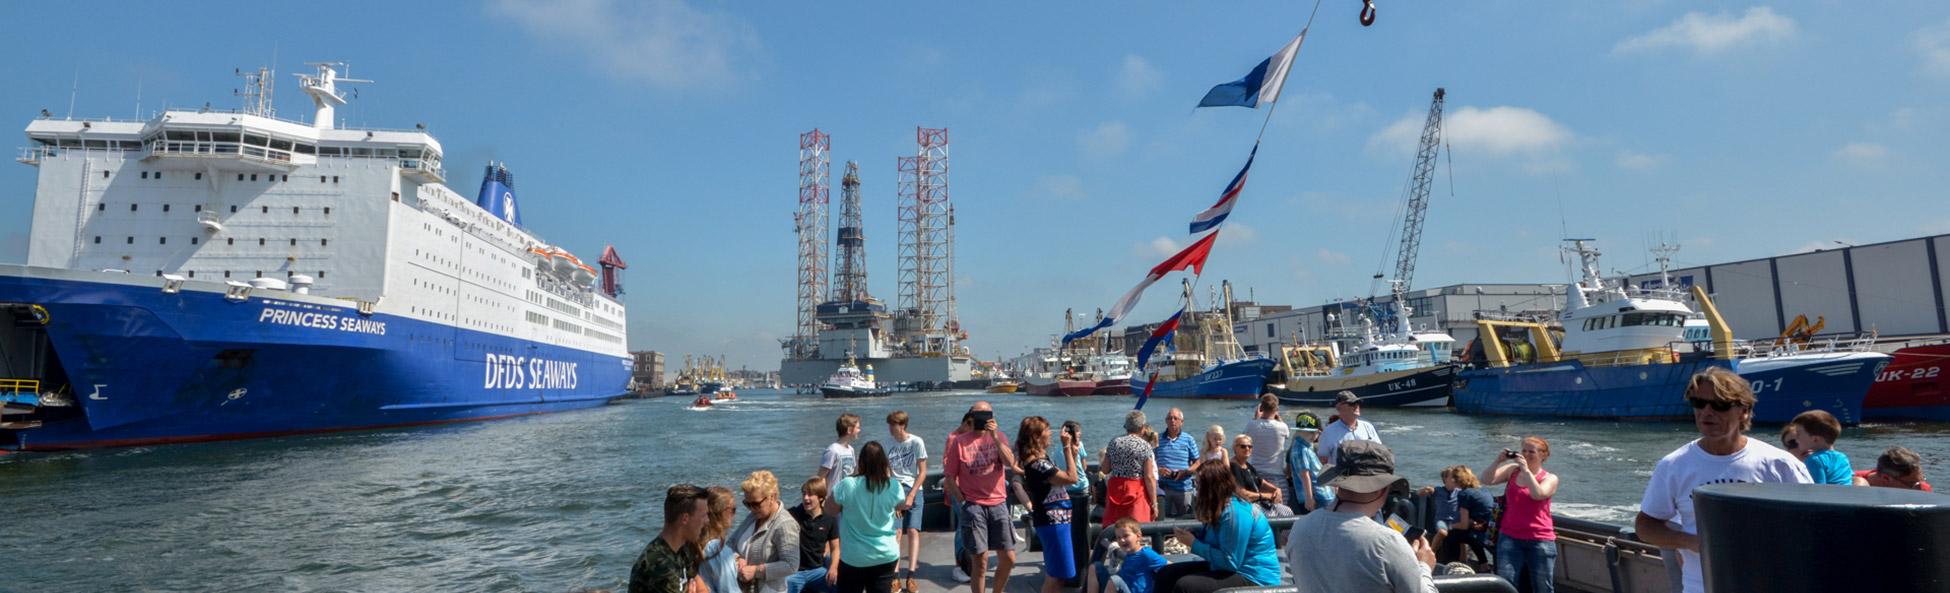 dagje uit havenfestival ijmuiden met boot